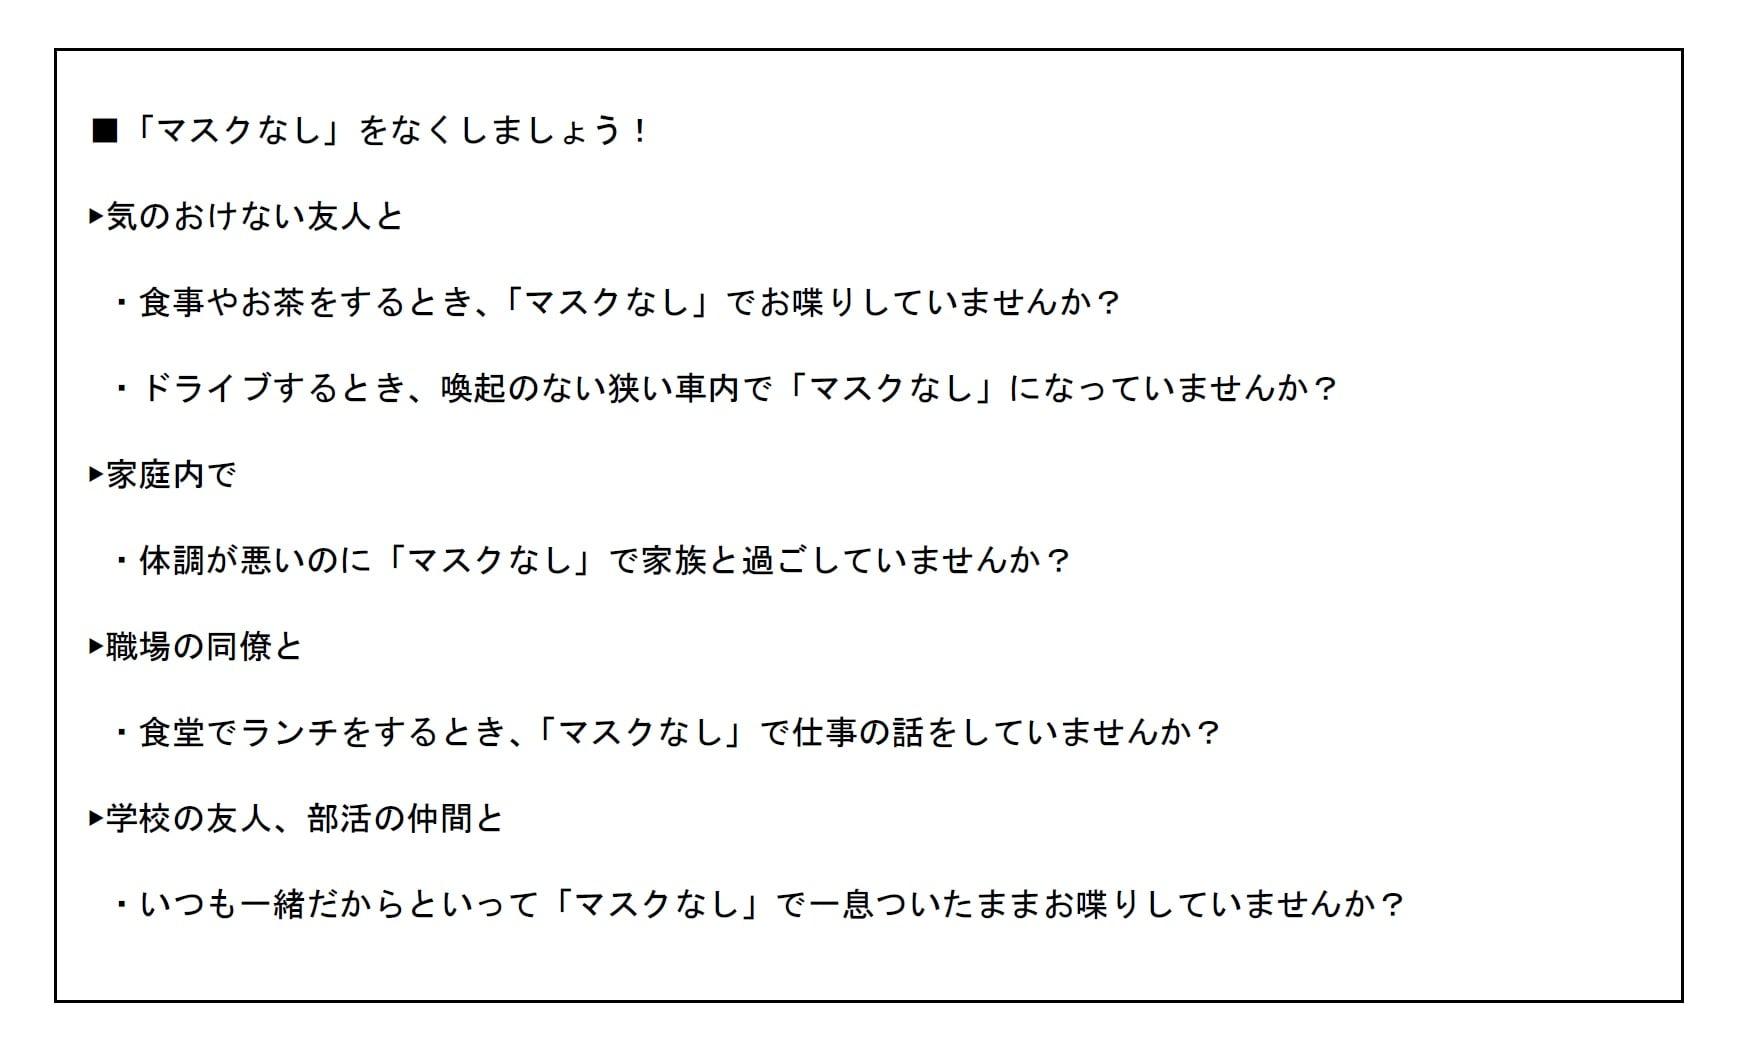 茨城県まん延防止警戒期間が解除されますpage-visual 茨城県まん延防止警戒期間が解除されますビジュアル